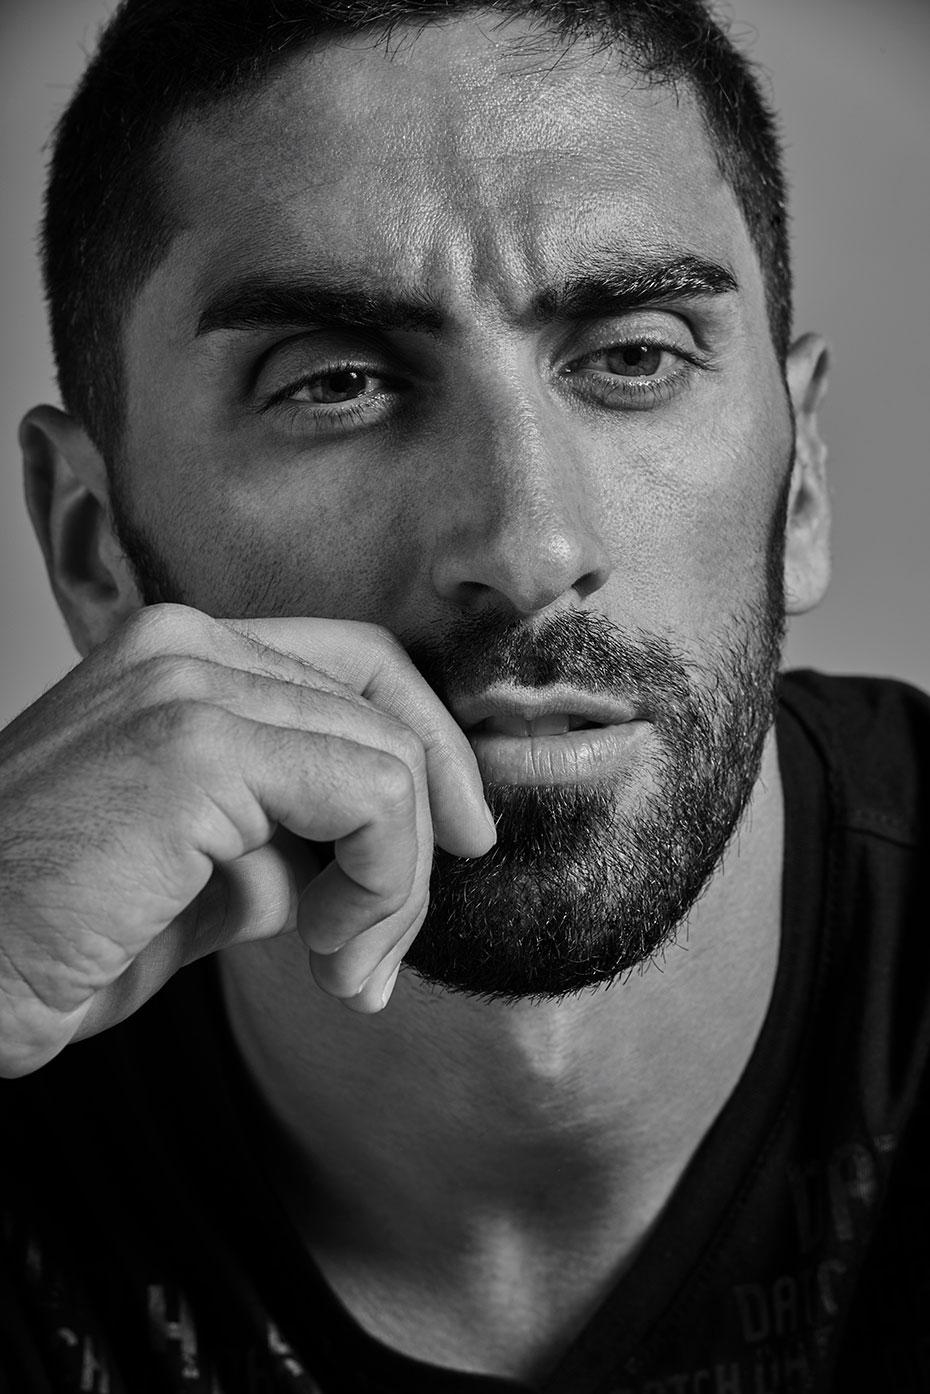 Filippo Magnini - The italian famous swimmer - by Enrico Labriola